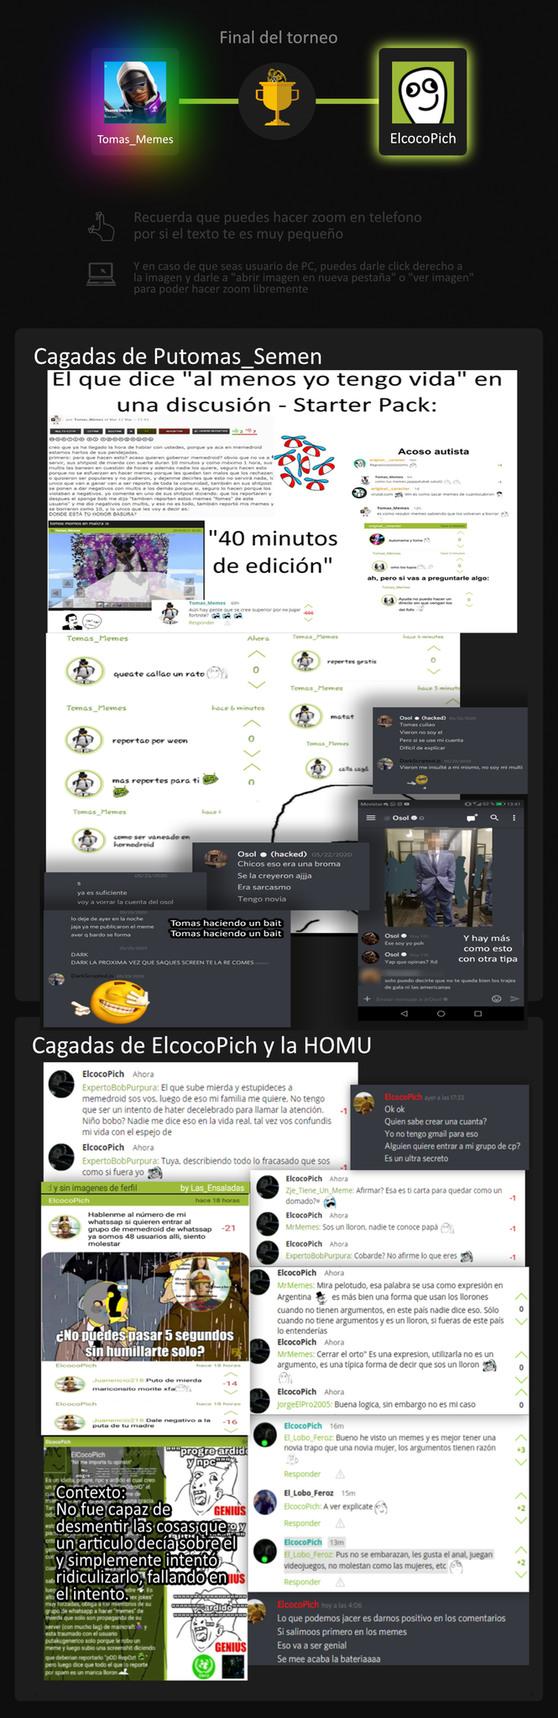 FINAL DEL TORNEO: EL PUTITO DEL BANQUITO vs ELJOTOPICH XDDDDD - meme